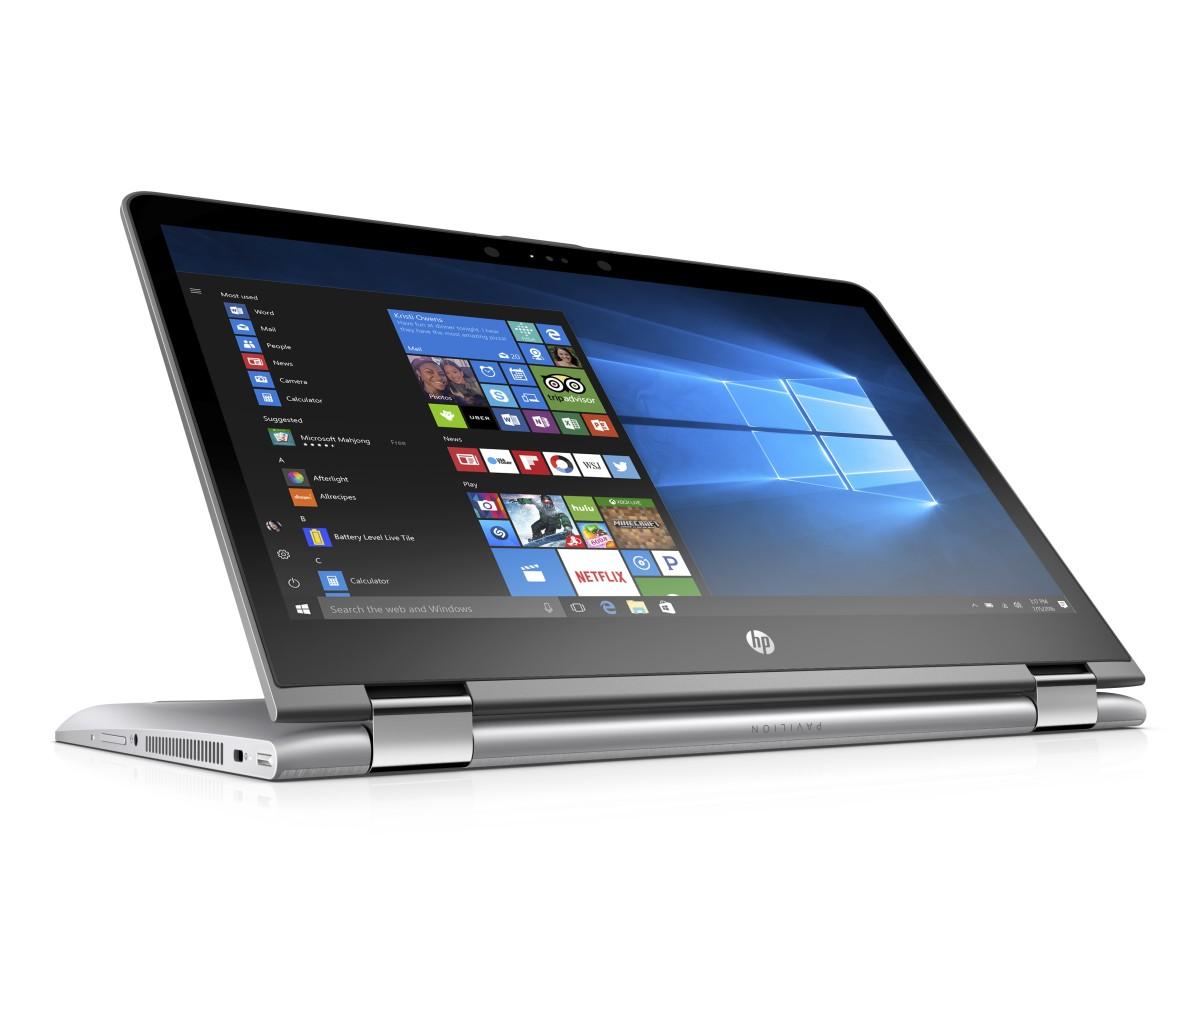 """HP Pavilion x360 14-ba011nc/Intel i7-7500U/8GB/512GB SSD/GF 940MX 4GB/14"""" FHD/Win 10/stříbrný"""